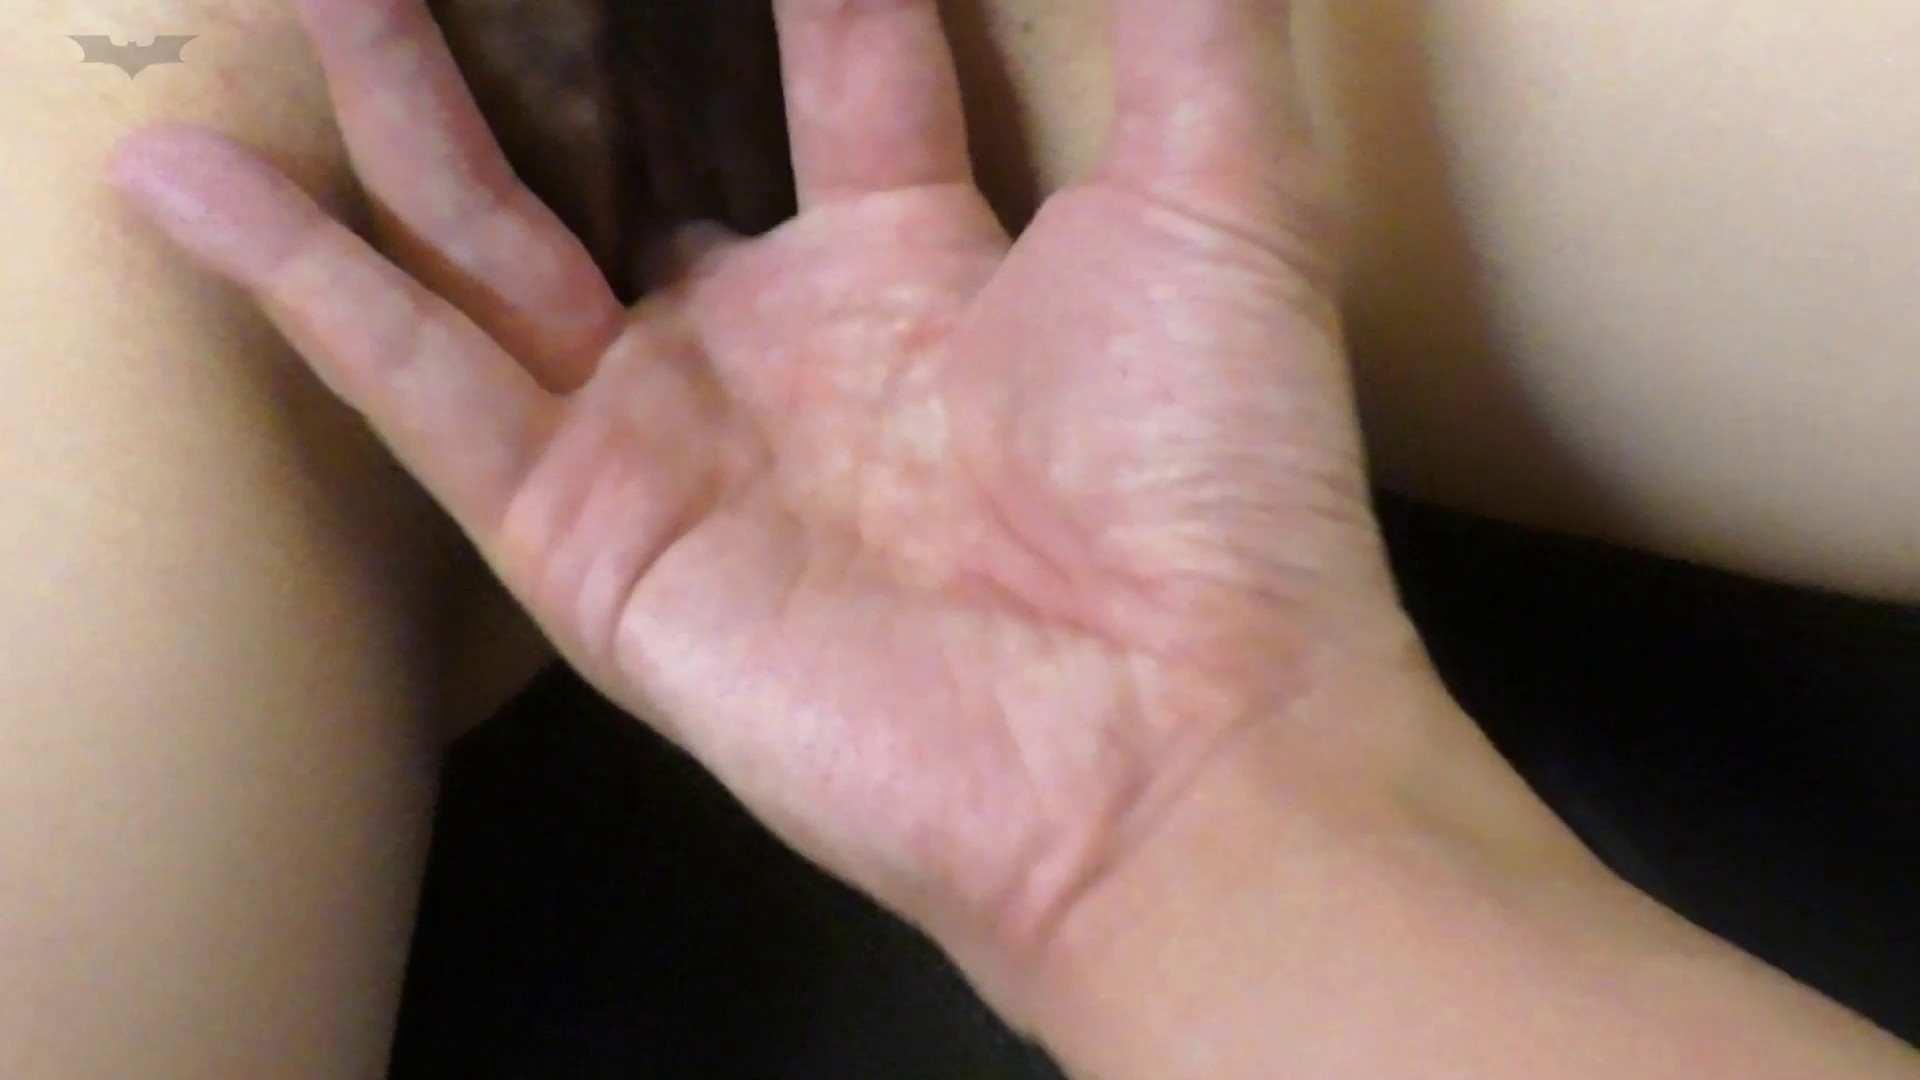 悪戯ネットカフェ Vol16 前篇 JD系モリマン発見!! 高画質 ワレメ無修正動画無料 106枚 8